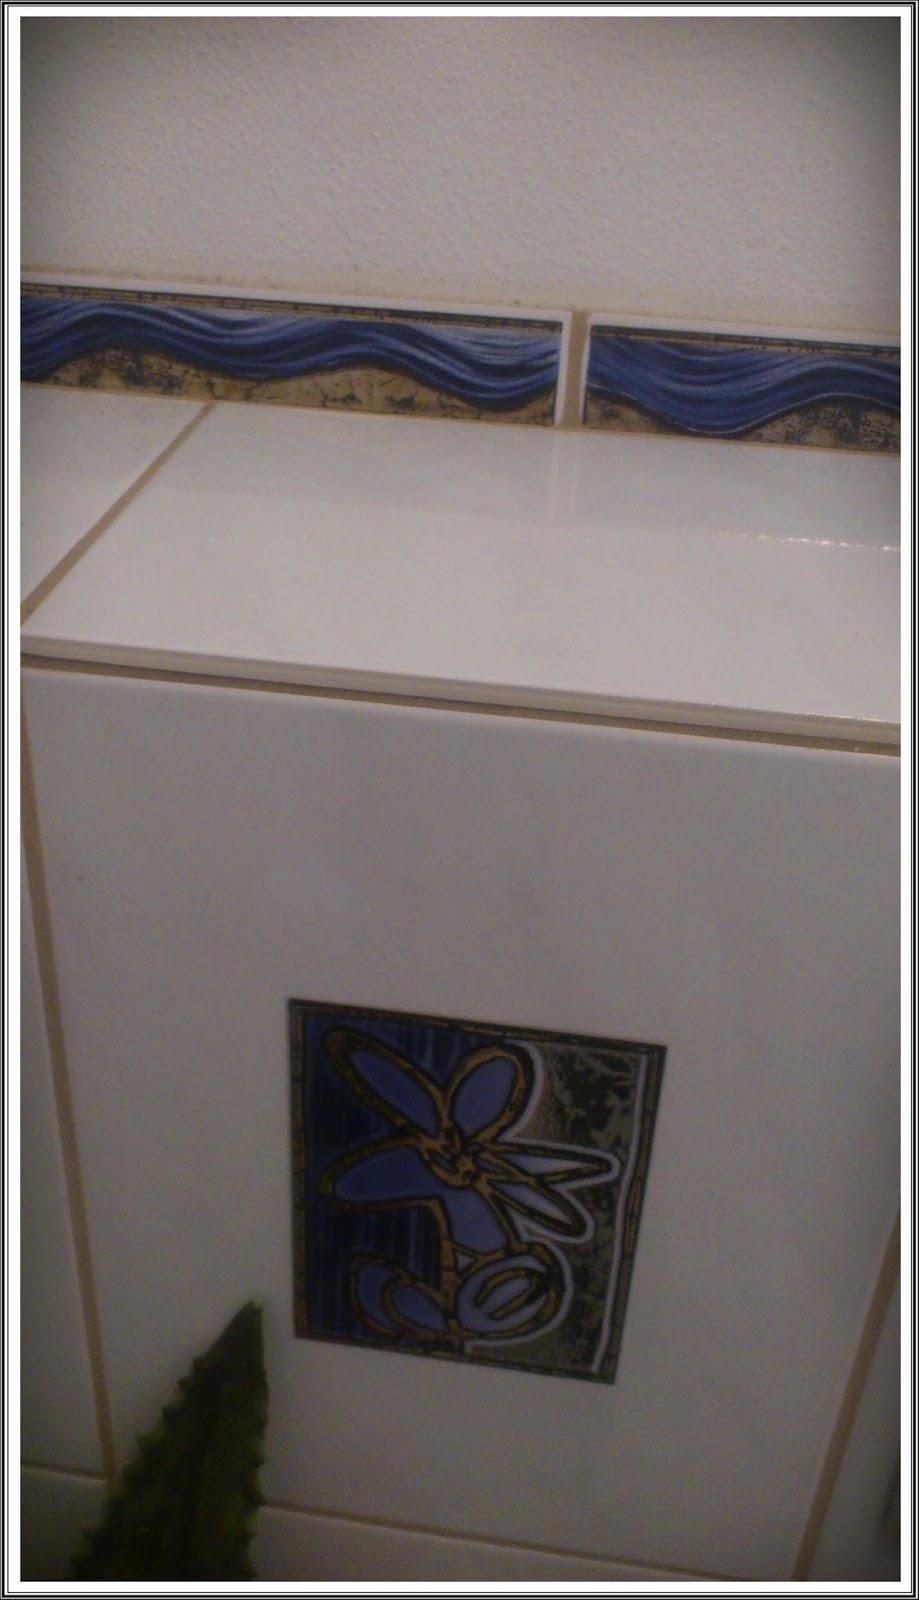 Diy vorher nachher wc makeover wohnprojekt wohnblog for Dekorfolie fliesen